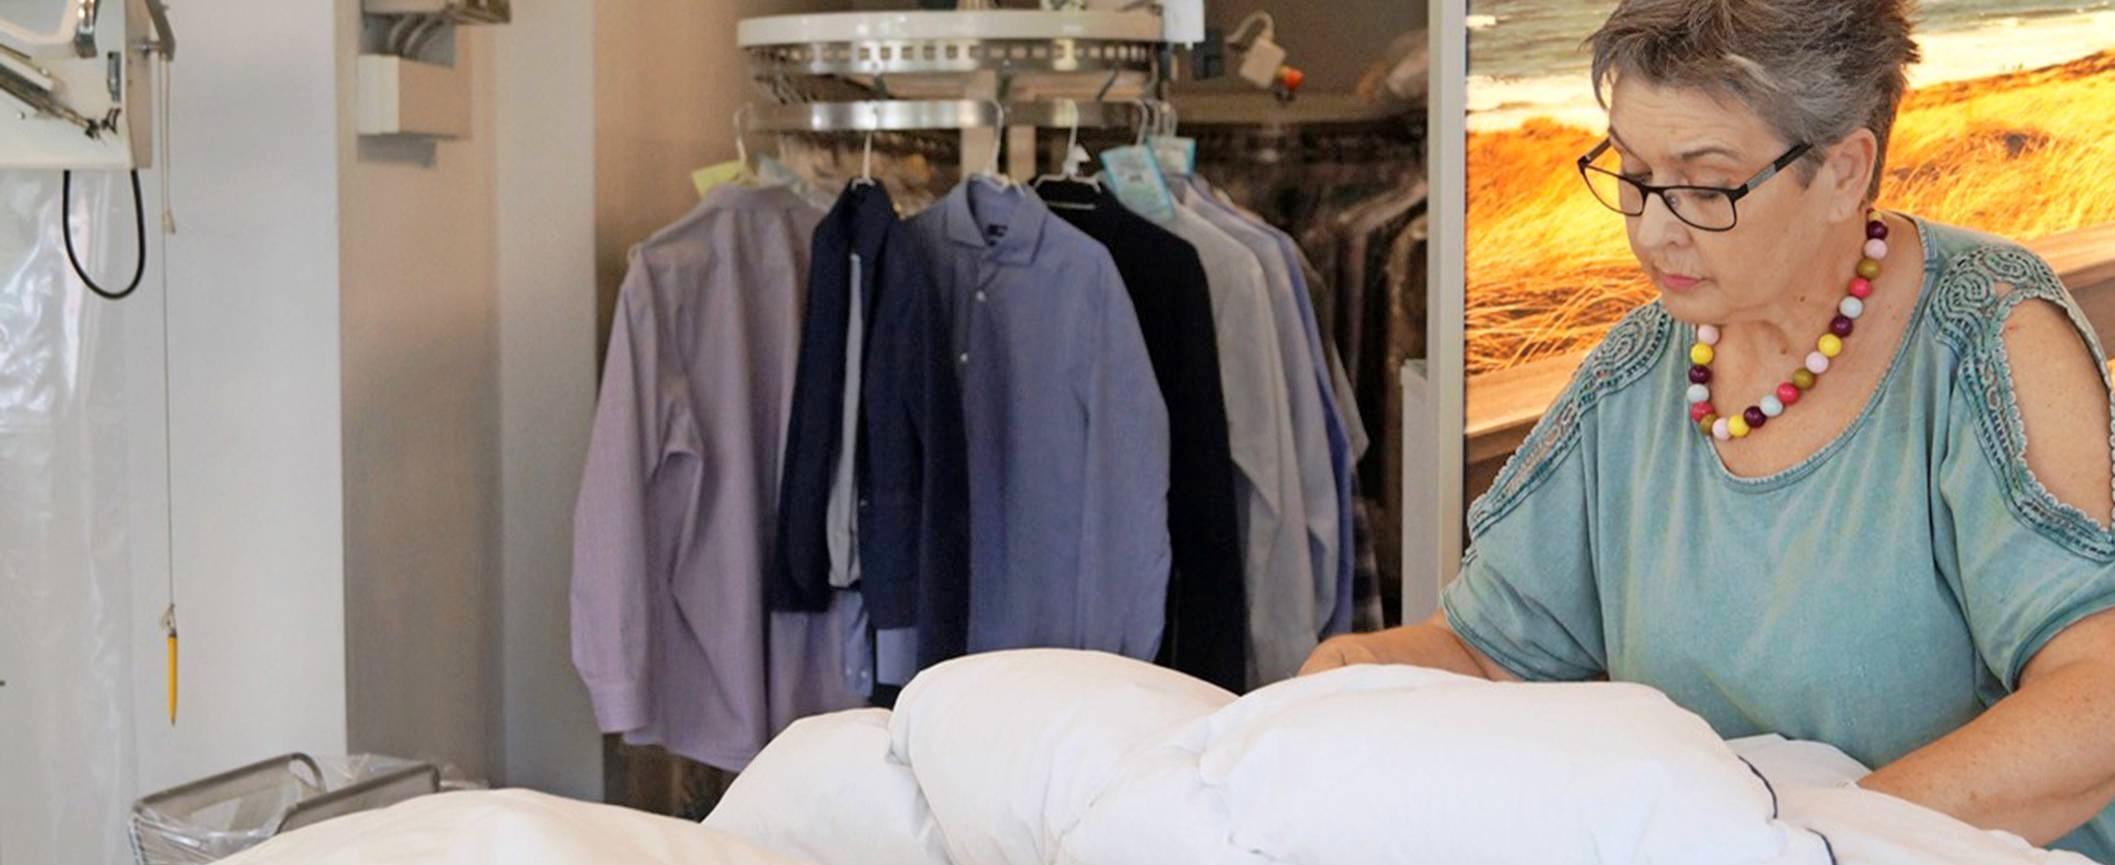 Vor allem natürliche Materialien wie Daunen und Federn reagieren besonders empfindlich auf Schweiß, Staub oder Milbenkot. Verschwitzte Daunen und Federn verkleben, Betten und Kissen werden schwer und ungemütlich.Foto: DTV